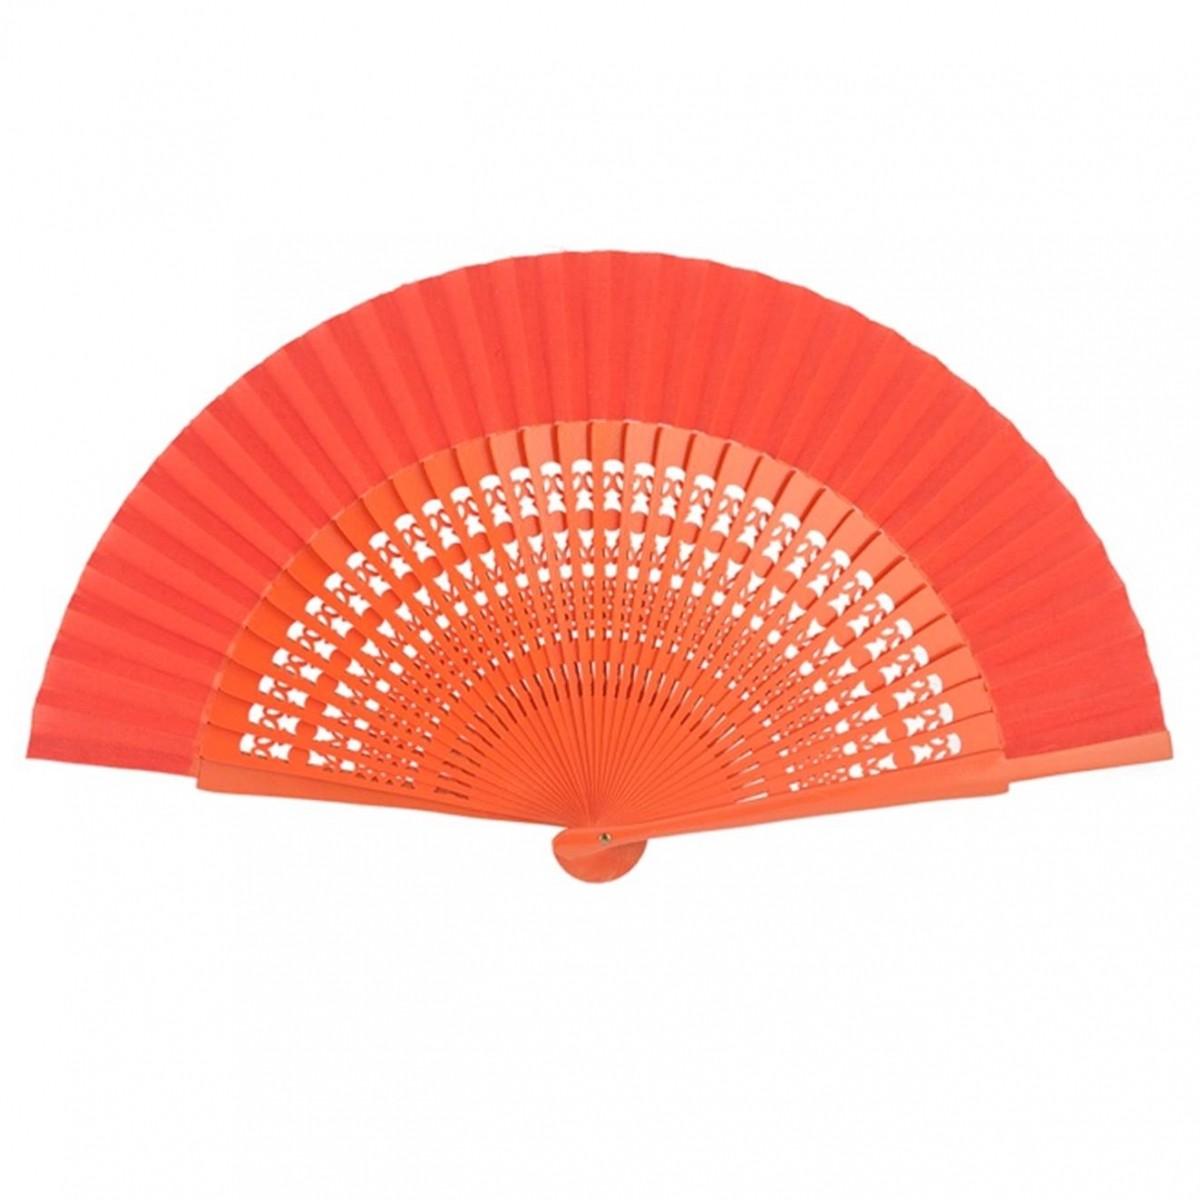 ABANICO 23cm - leque médio desenho vazado dança flamenca e cigana várias cores